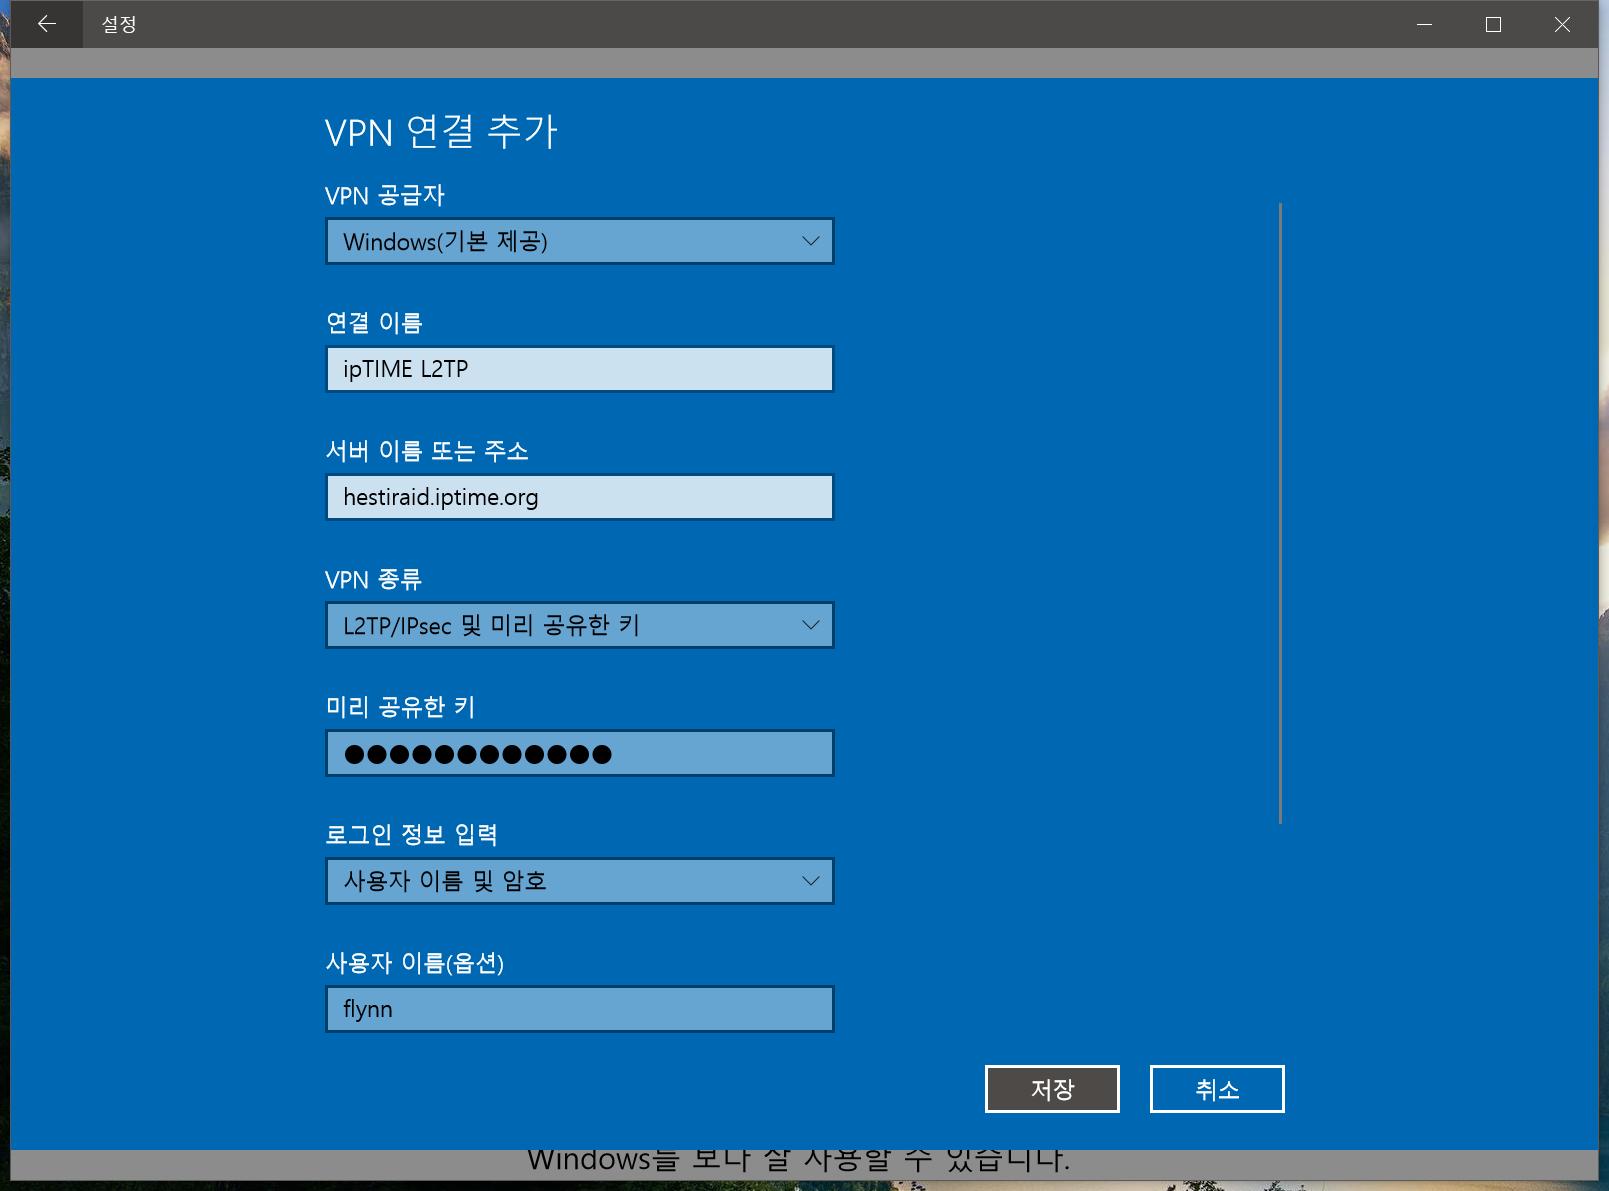 윈도우 L2TP VPN 설정